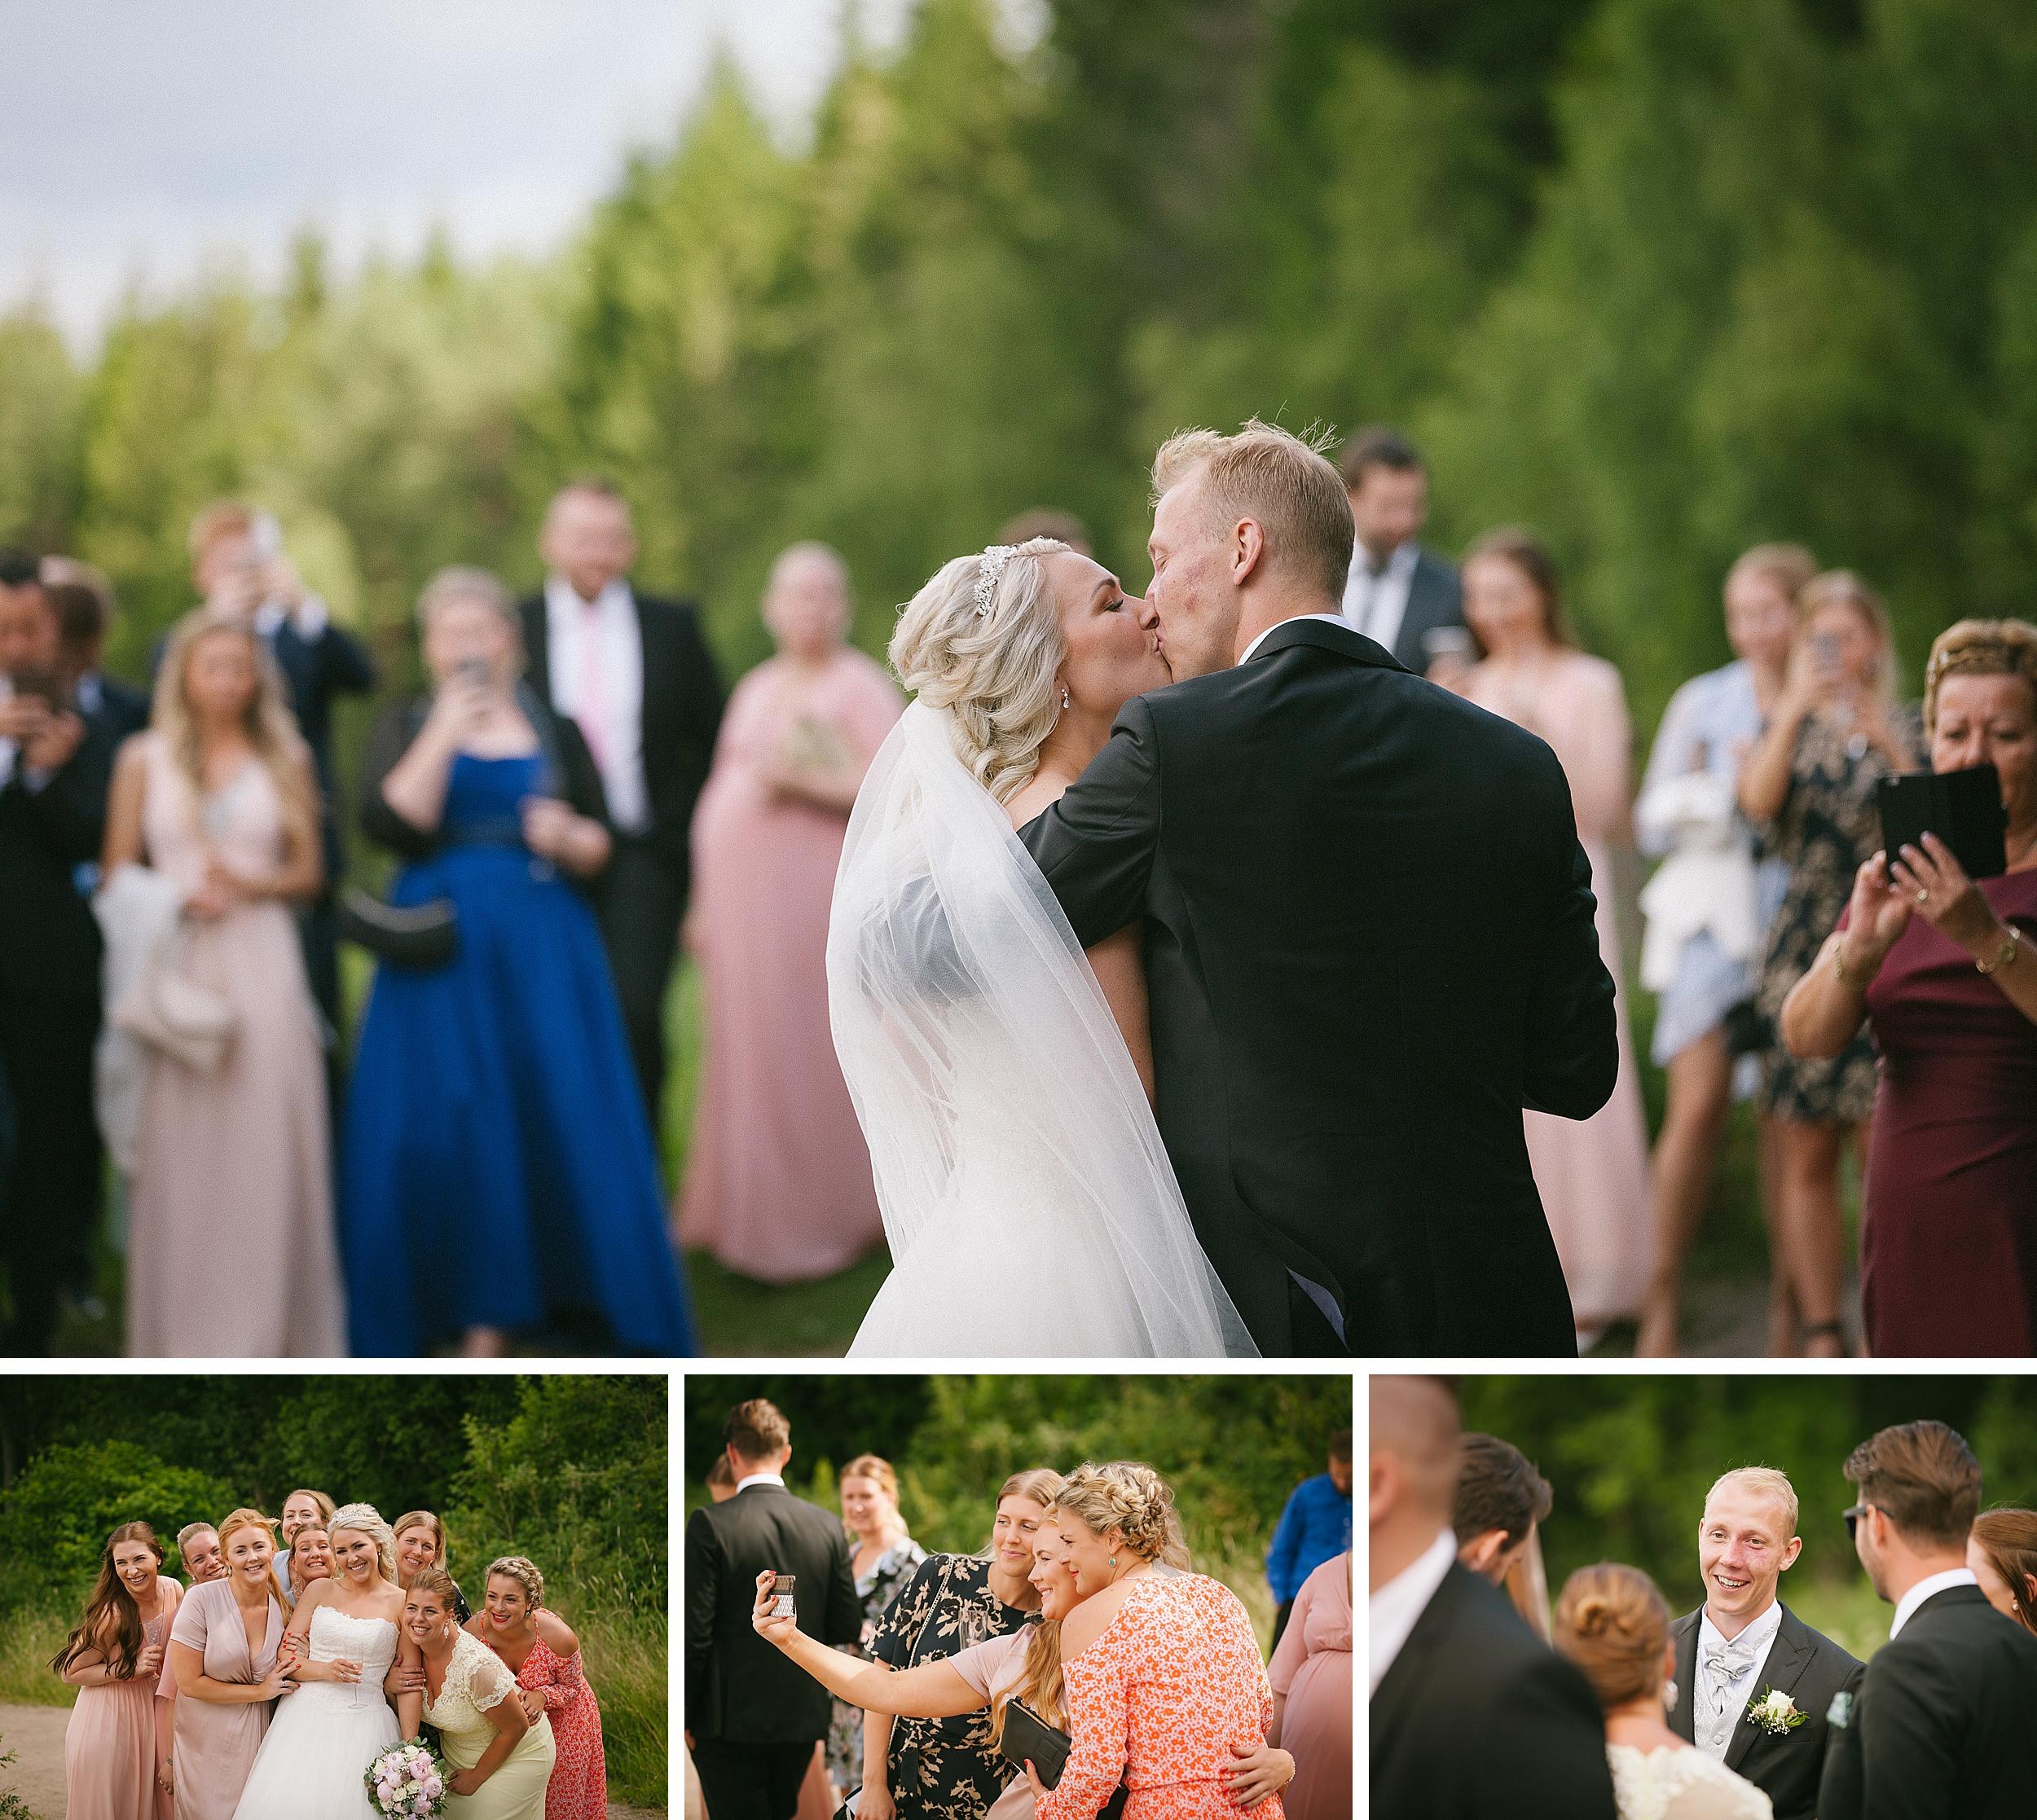 Heldags-bryllupsfoto-june-thomas_0067.jpg